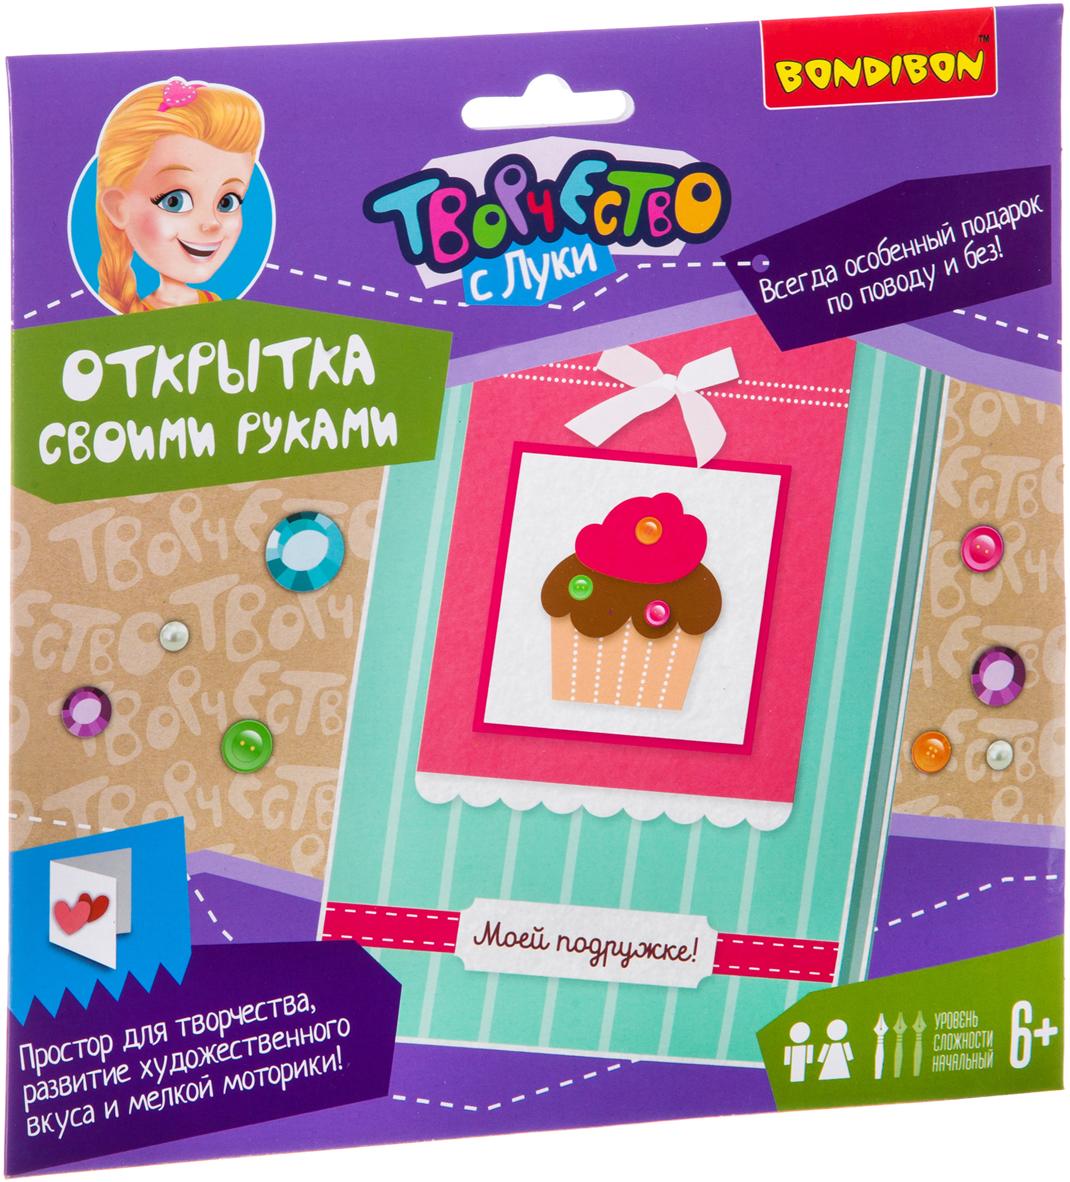 Bondibon Набор для создания открытки Открытка своими руками Пирожное для подружки